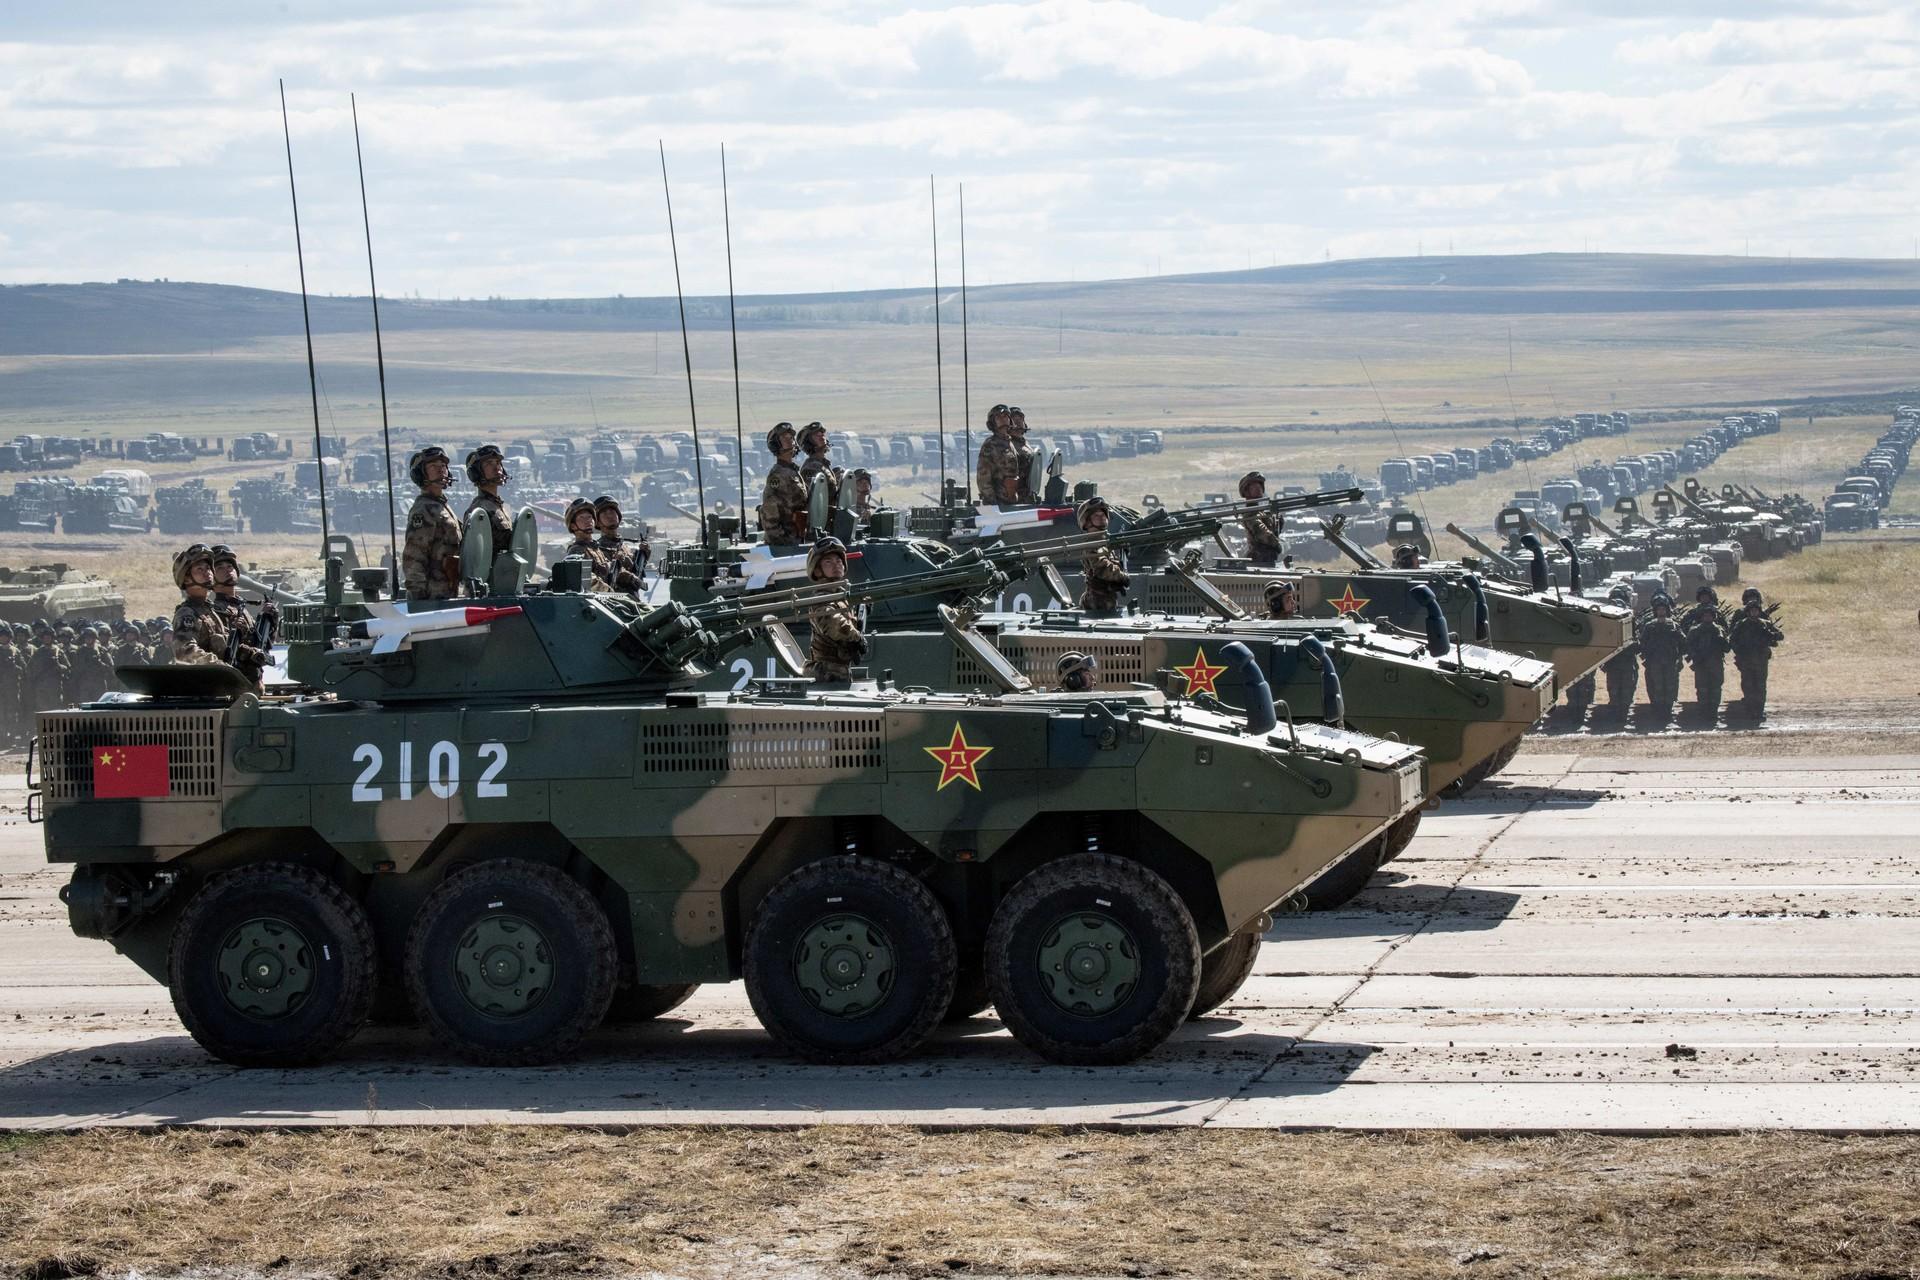 Las fuerzas armadas chinas enseñan sus 'cartas ganadoras'